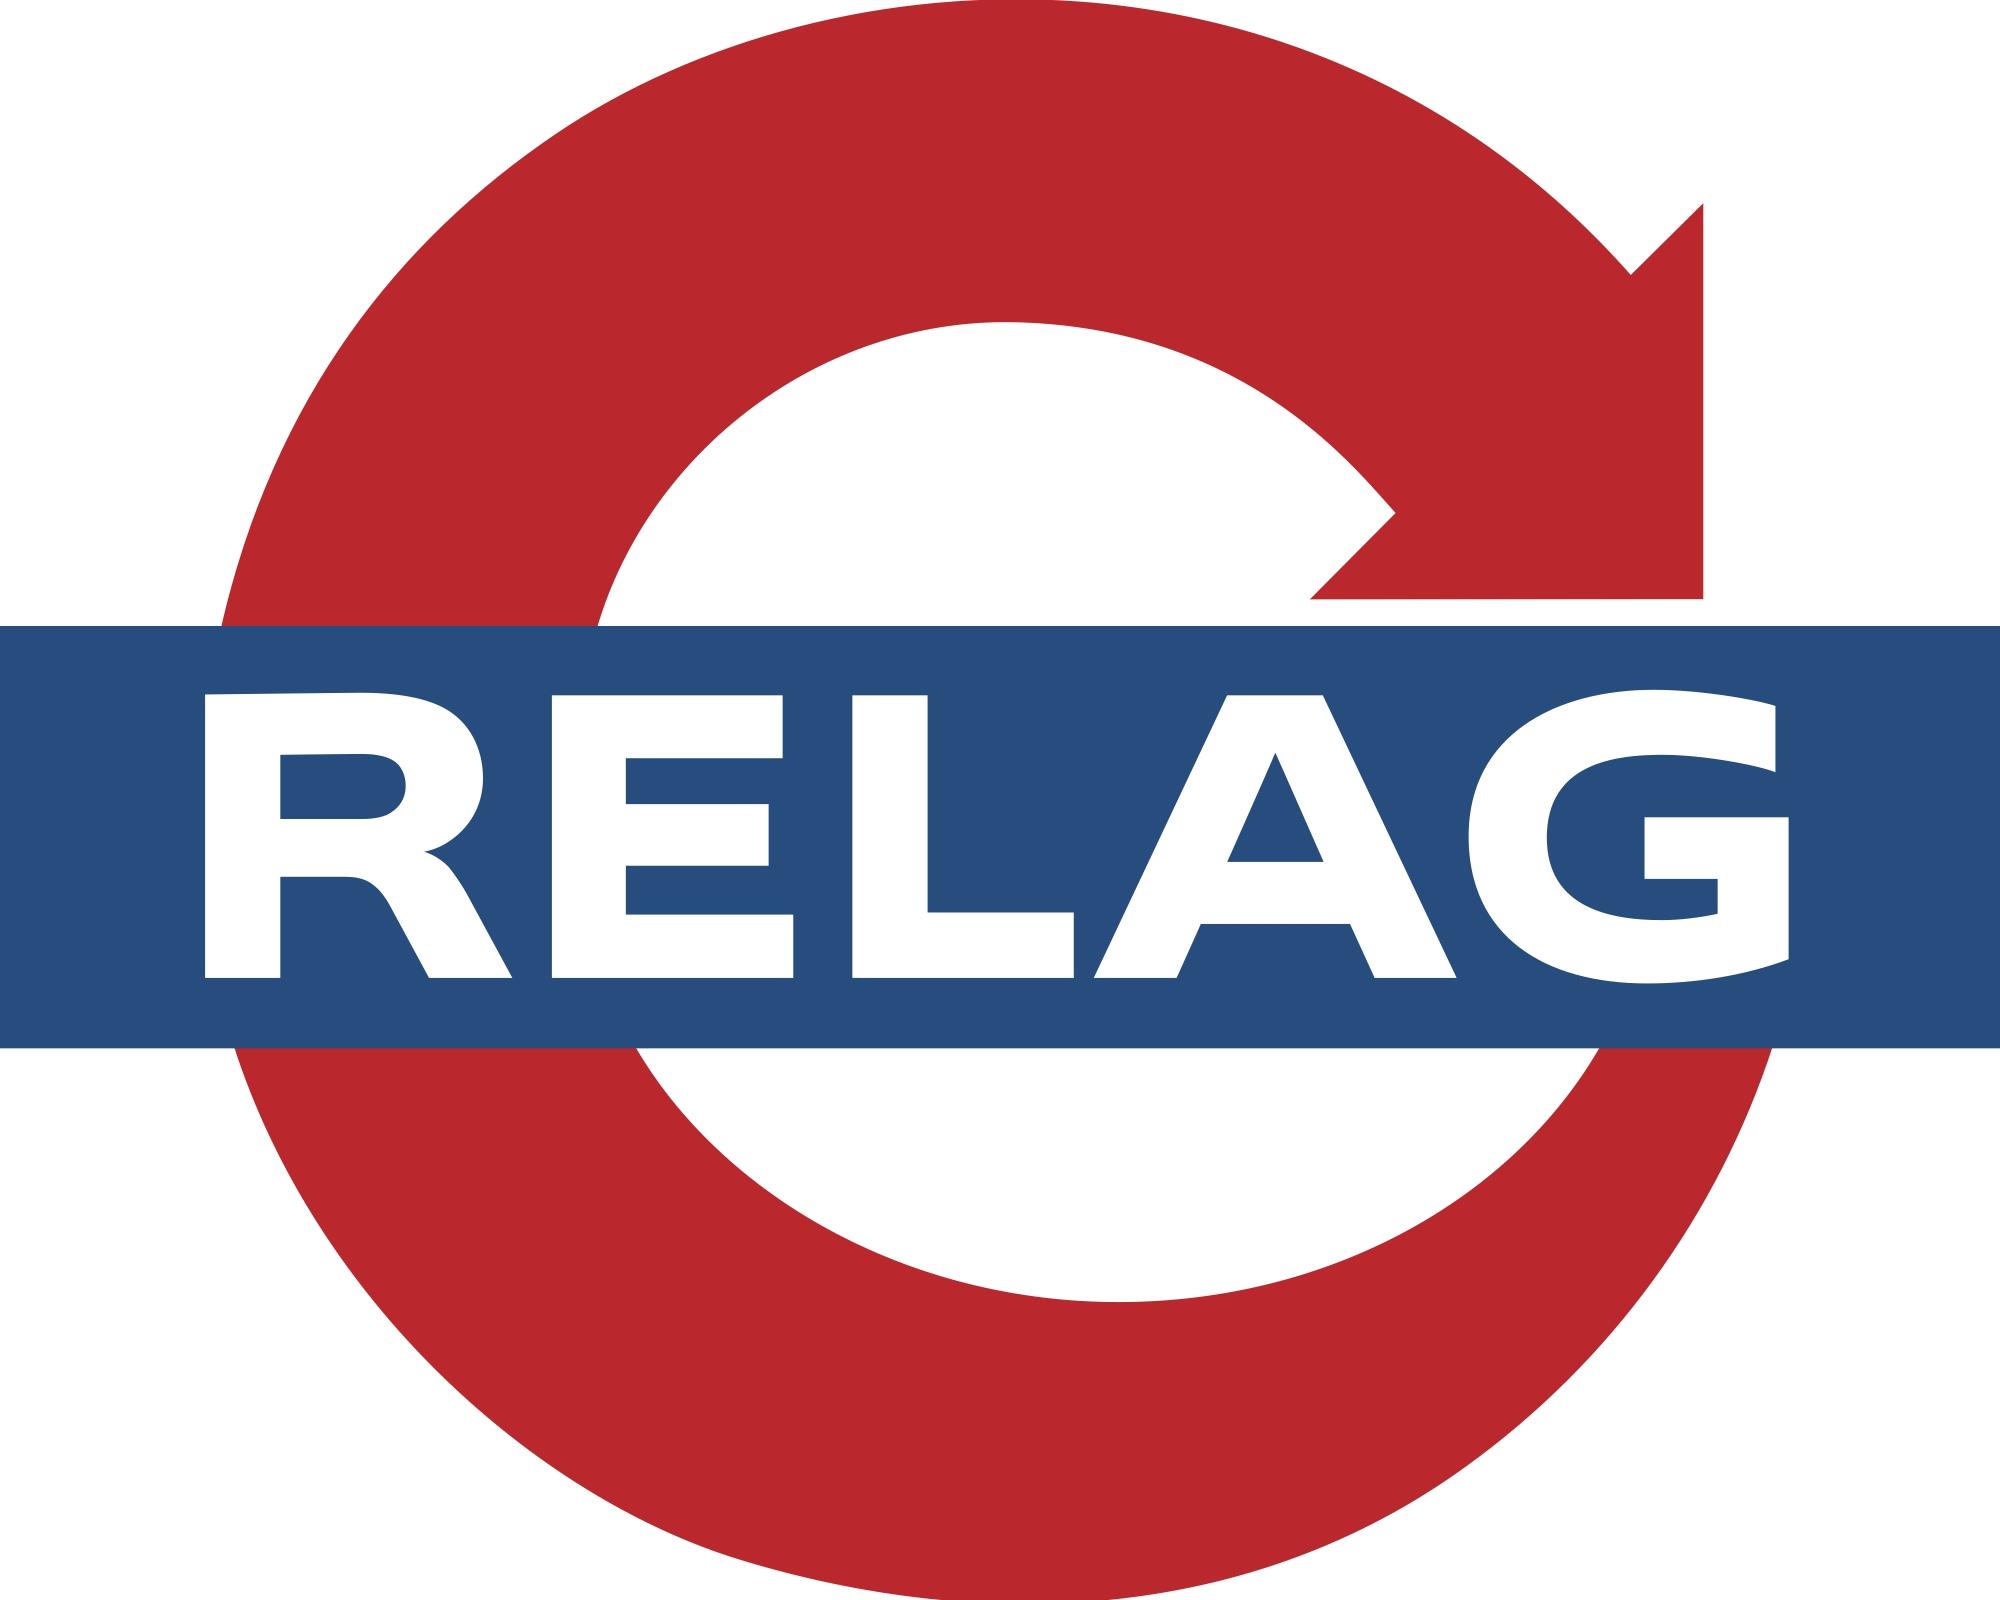 Relag_Logo_cmyk.jpg